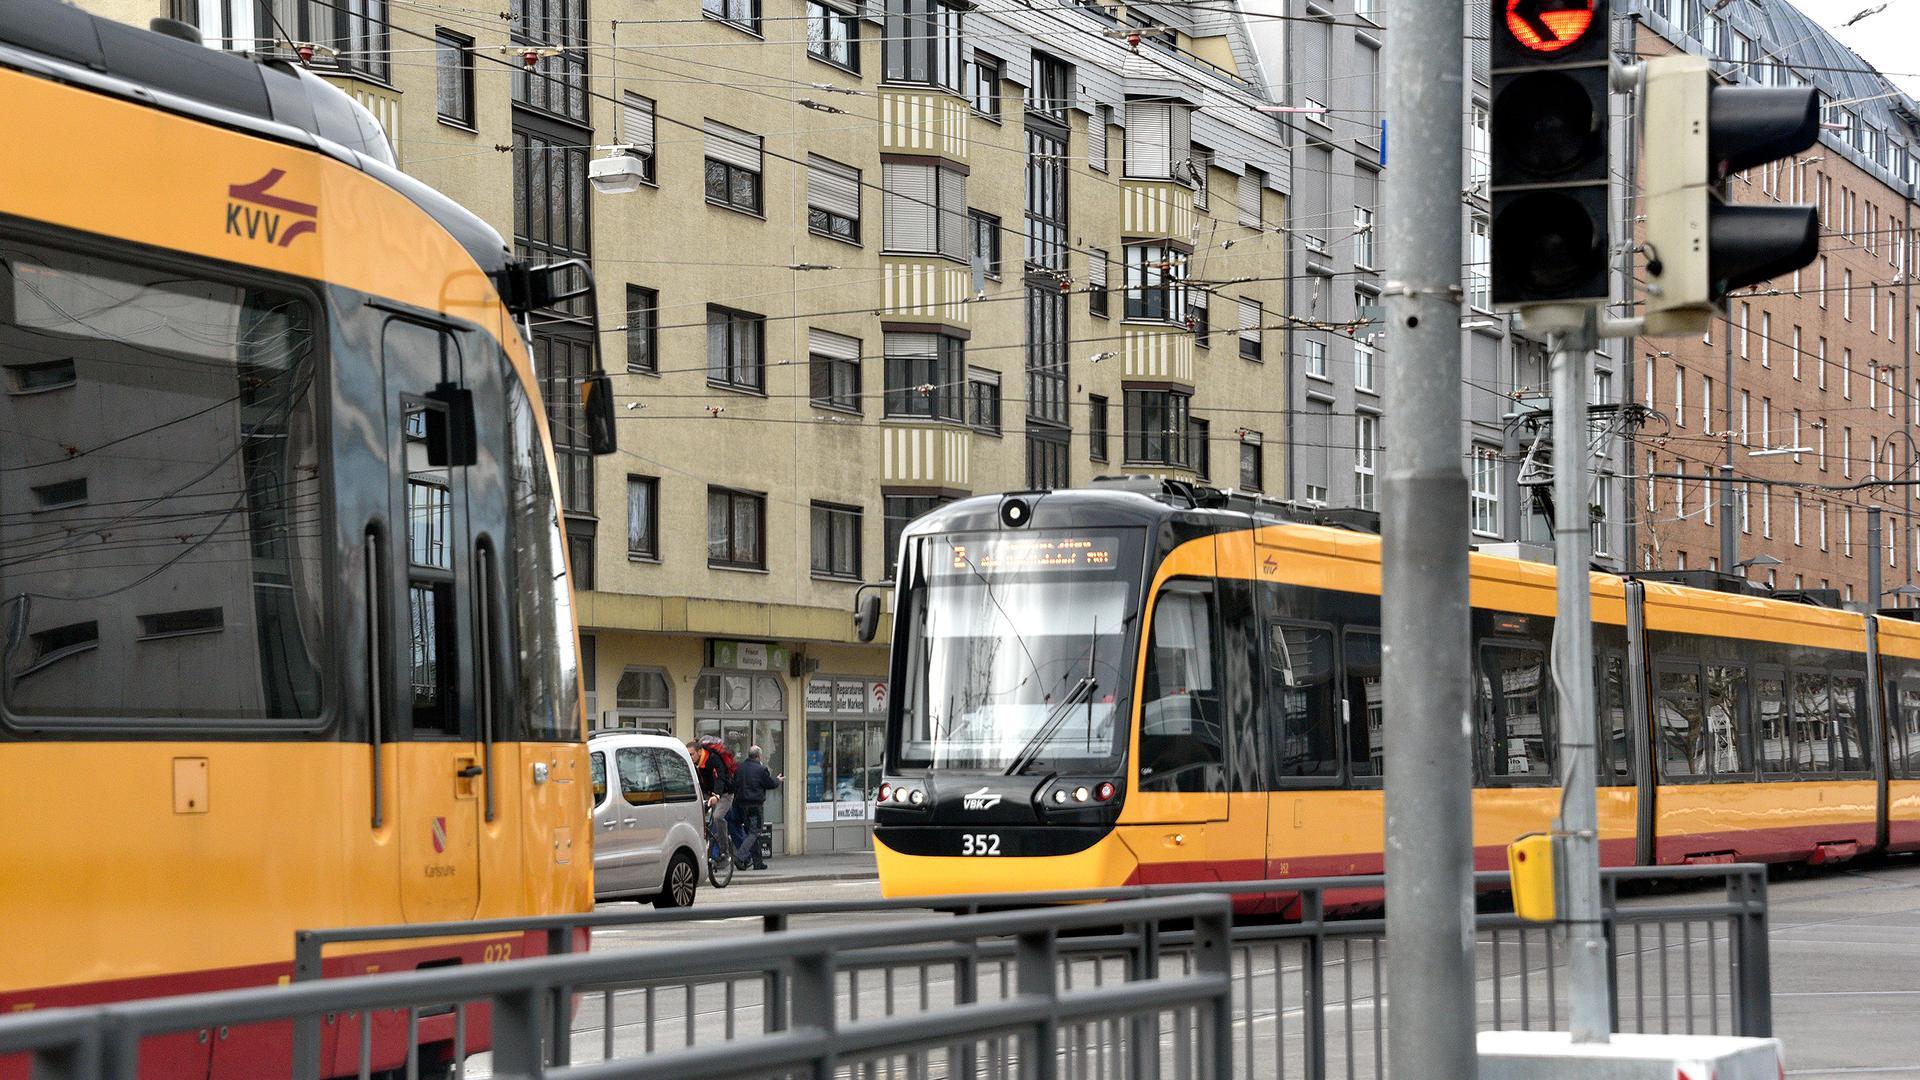 Straßenbahnen fahren durch Karlsruhe. (Symbolbild)